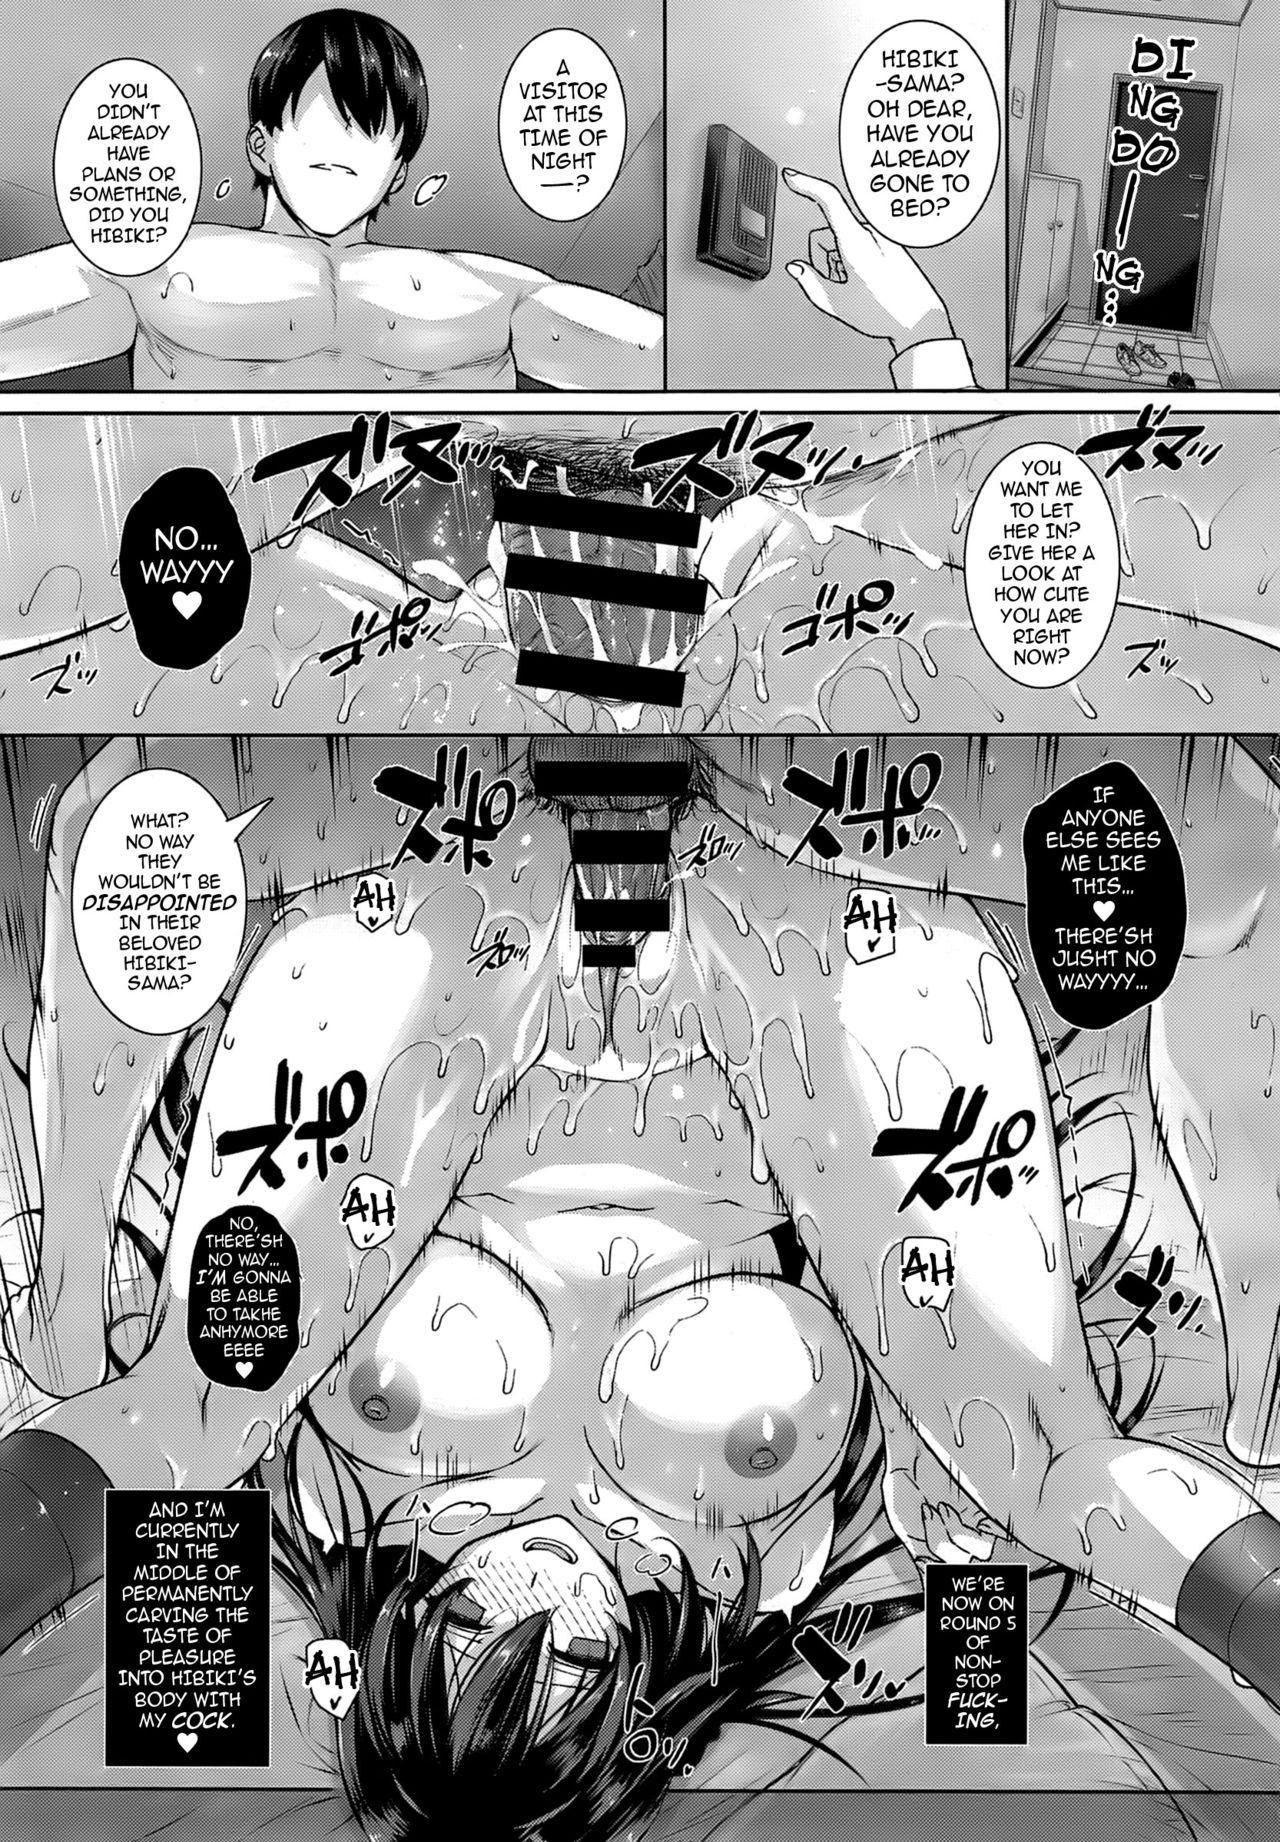 [Katsurai Yoshiaki] Amatsuka Gakuen no Ryoukan Seikatsu | Angel Academy's Hardcore Dorm Sex Life 1-2, 4-9 [English] {darknight} [Digital] 25